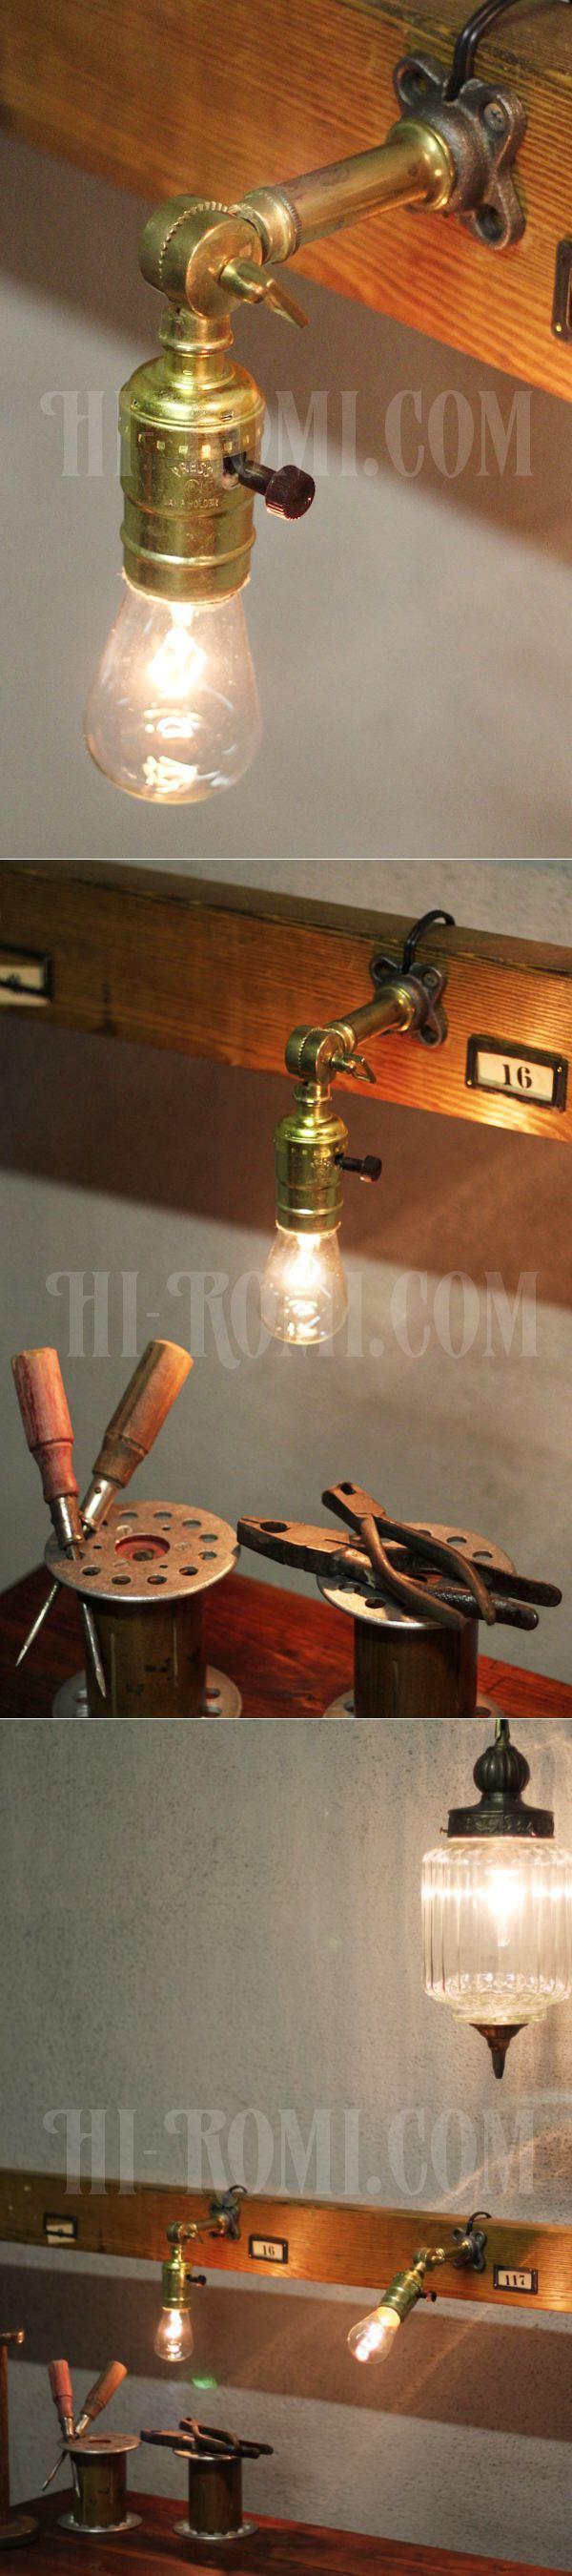 USAヴィンテージ工業系アルミ製Fソケット角度調整付ブラケットランプ/アンティーク壁掛け照明ライト